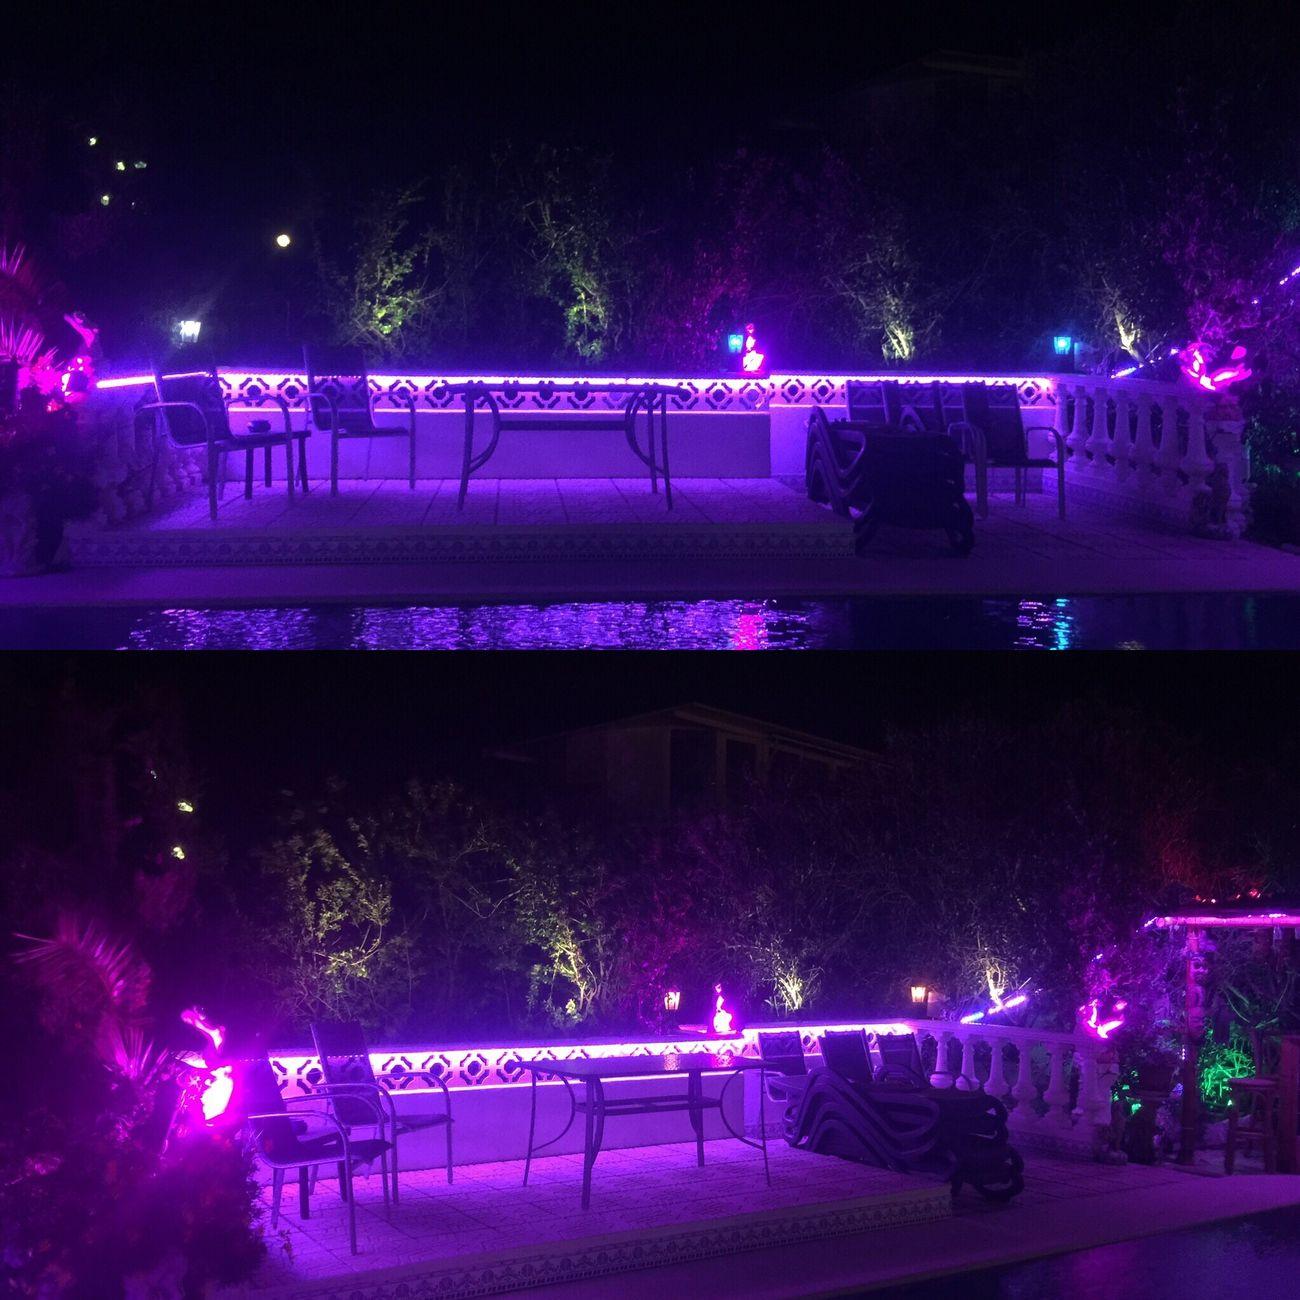 Gardenlight LED Jardin Weloveled Luz Light